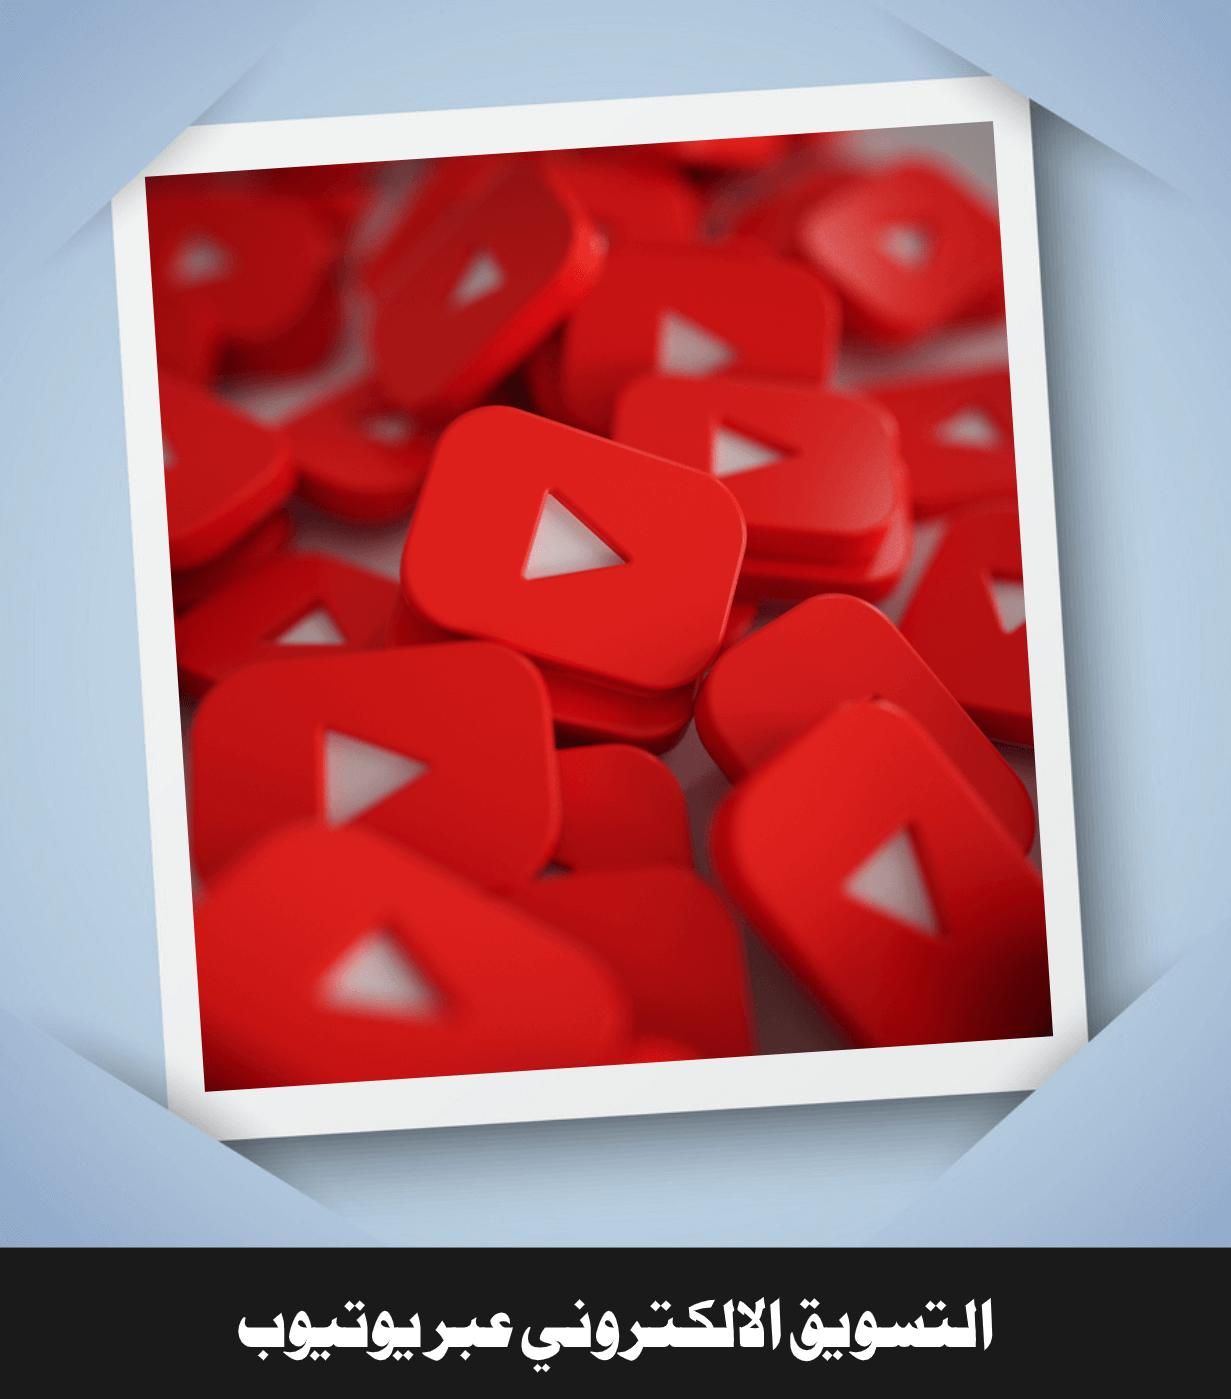 التسويق الالكتروني على يوتيوب, التسويق الالكتروني